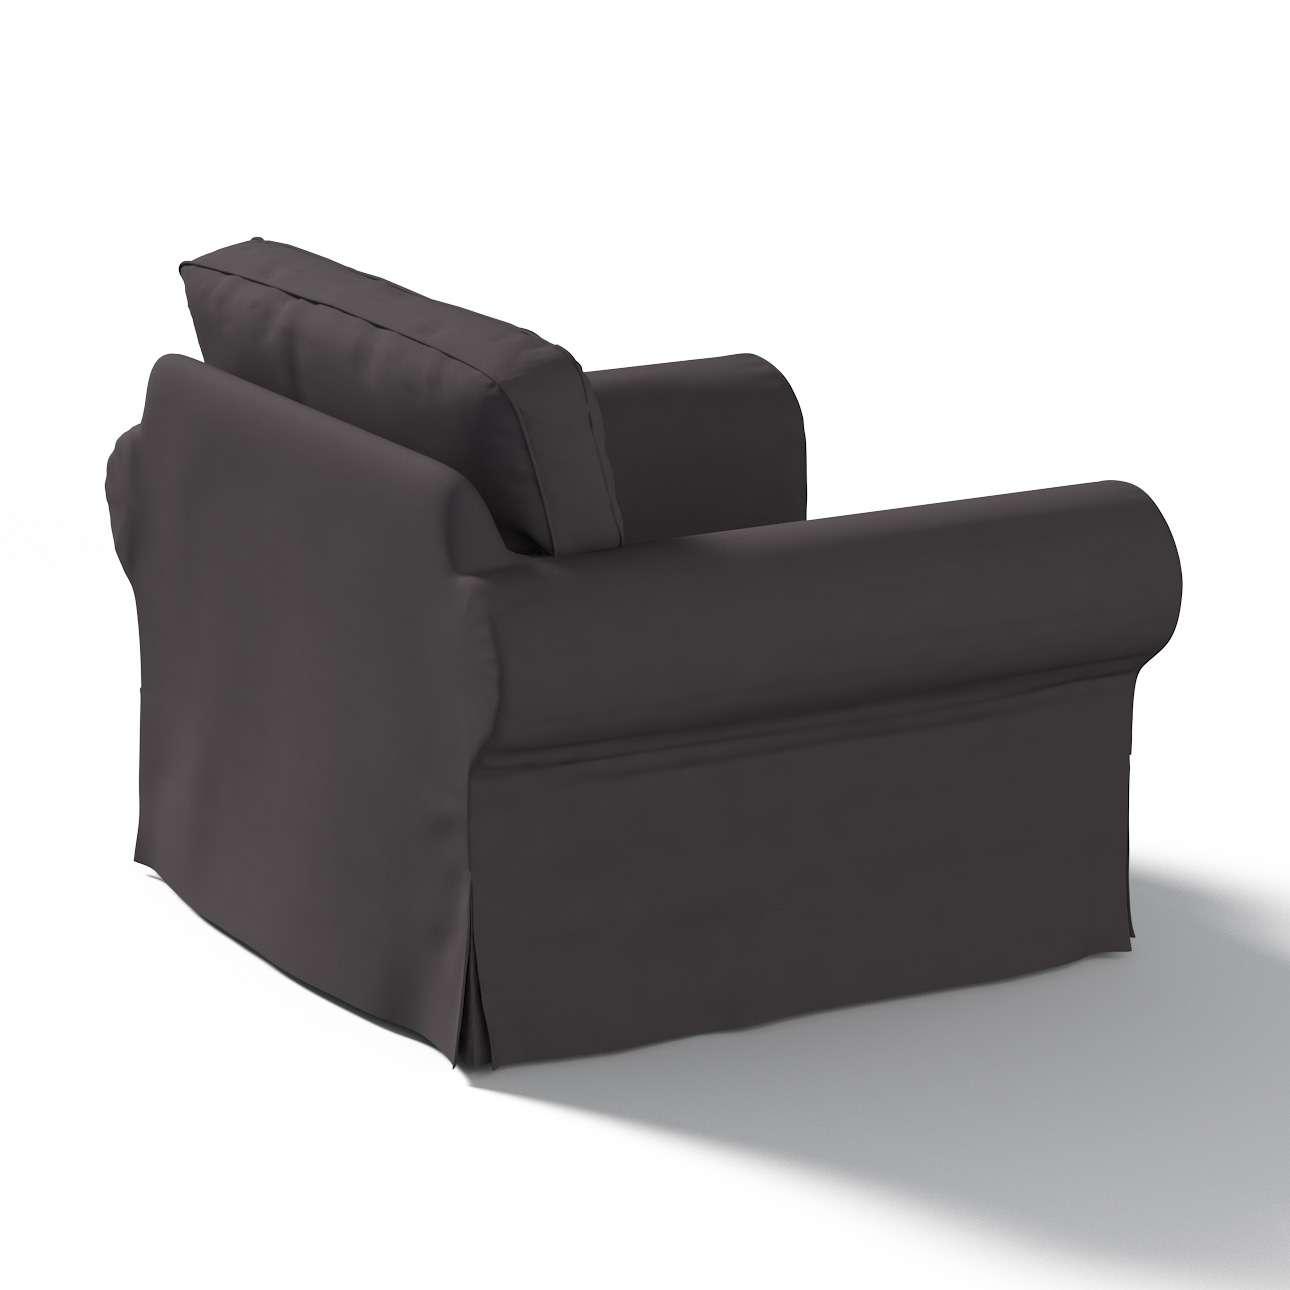 Pokrowiec na fotel Ektorp Fotel Ektorp w kolekcji Cotton Panama, tkanina: 702-09